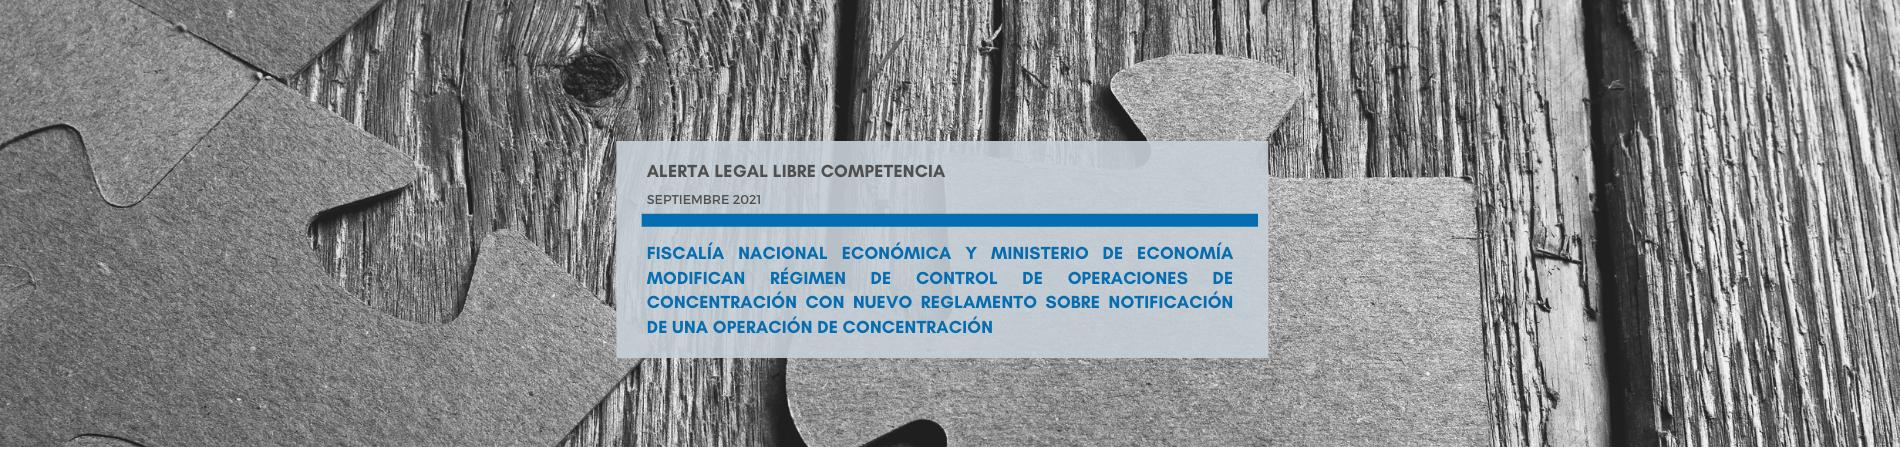 Alerta Legal | FNE y Ministerio de Economía modifican régimen de control de operaciones de concentración con nuevo reglamento sobre notificación de una operación de concentración